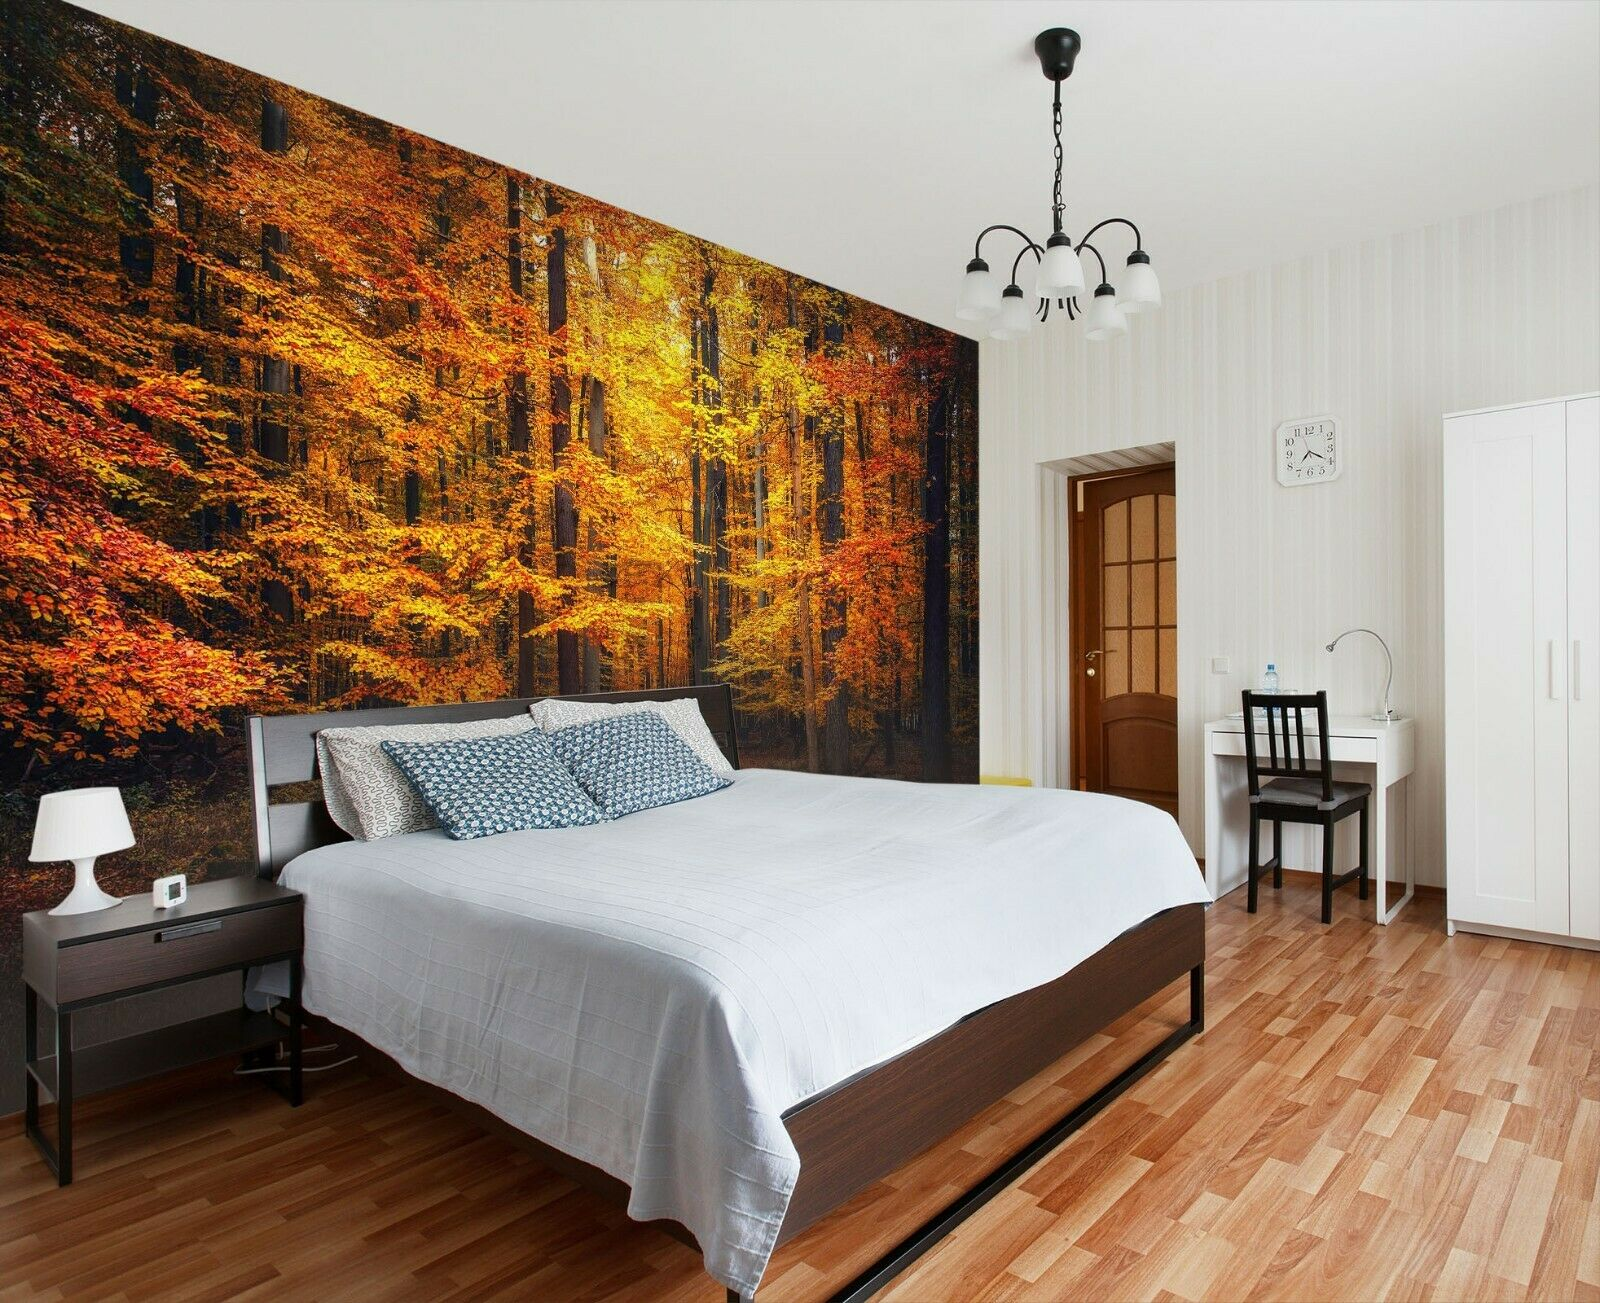 3D Waldblätter M20 Geschäft Tapete Wandgemälde Selbstklebend Handel An